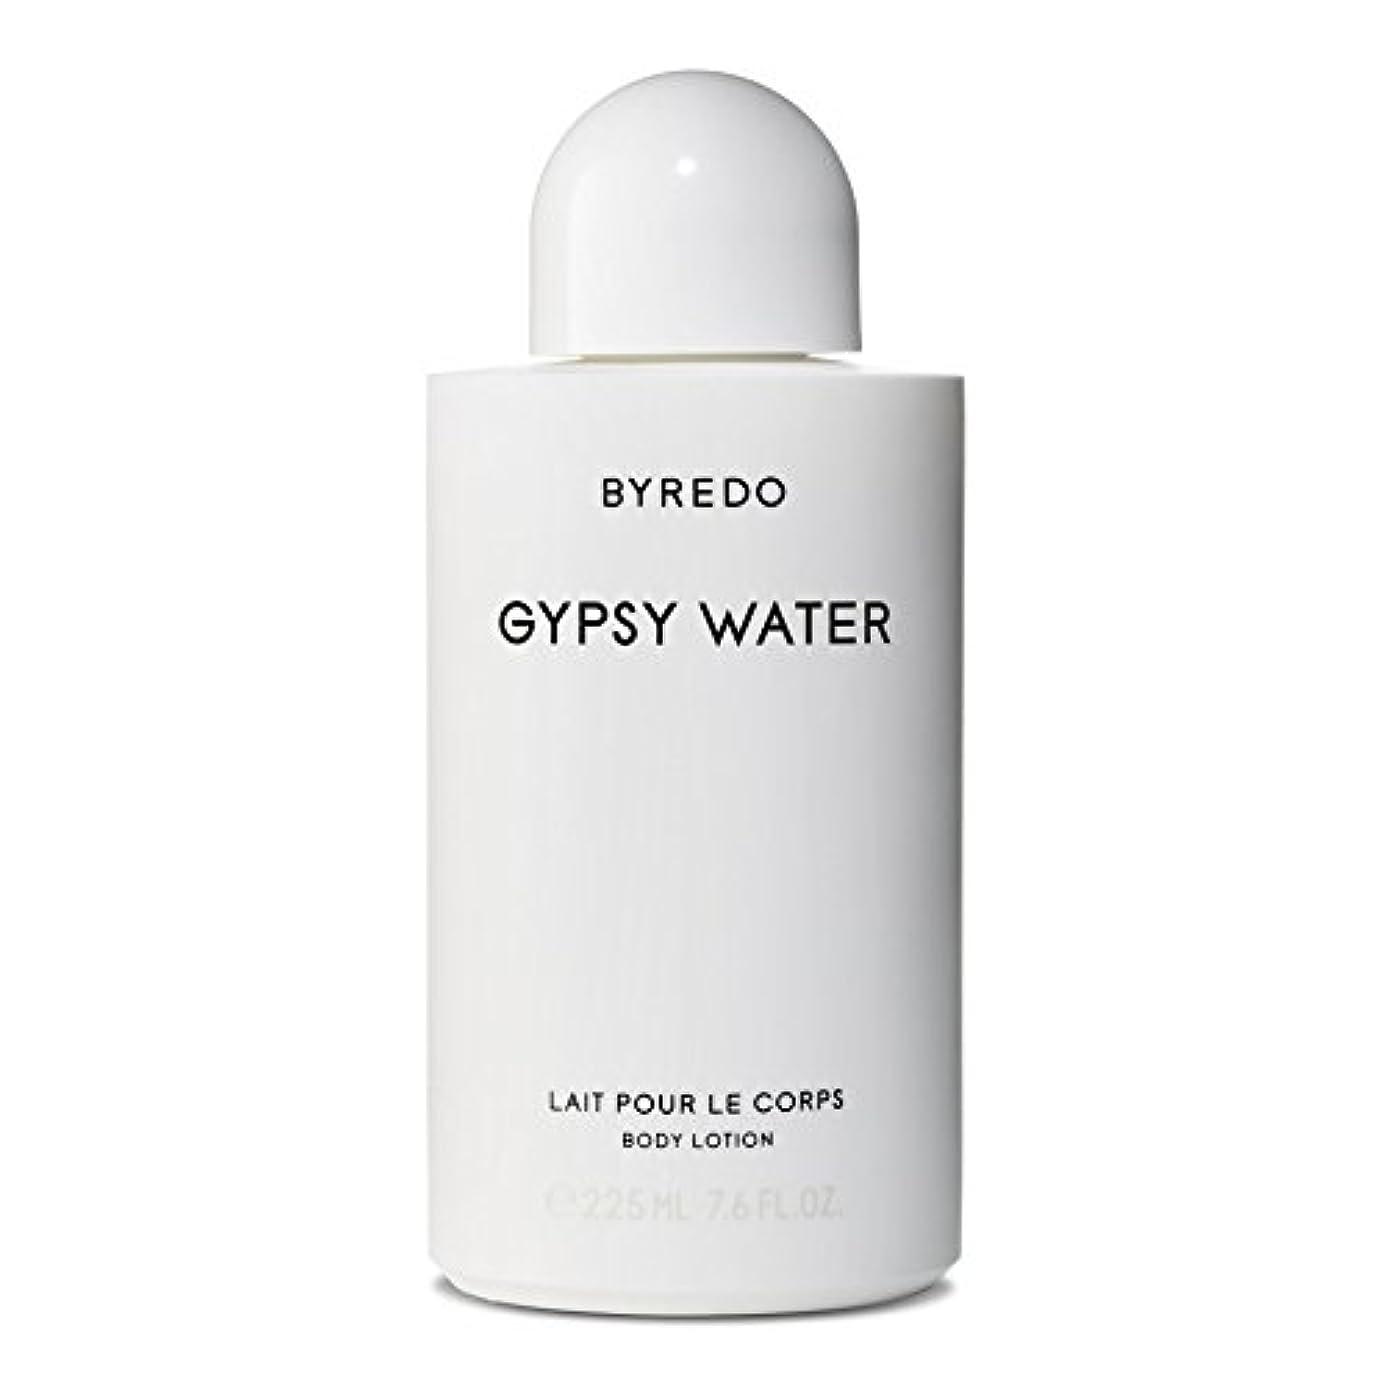 ピジン腸到着Byredo Gypsy Water Body Lotion 225ml - ジプシー水ボディローション225ミリリットル [並行輸入品]